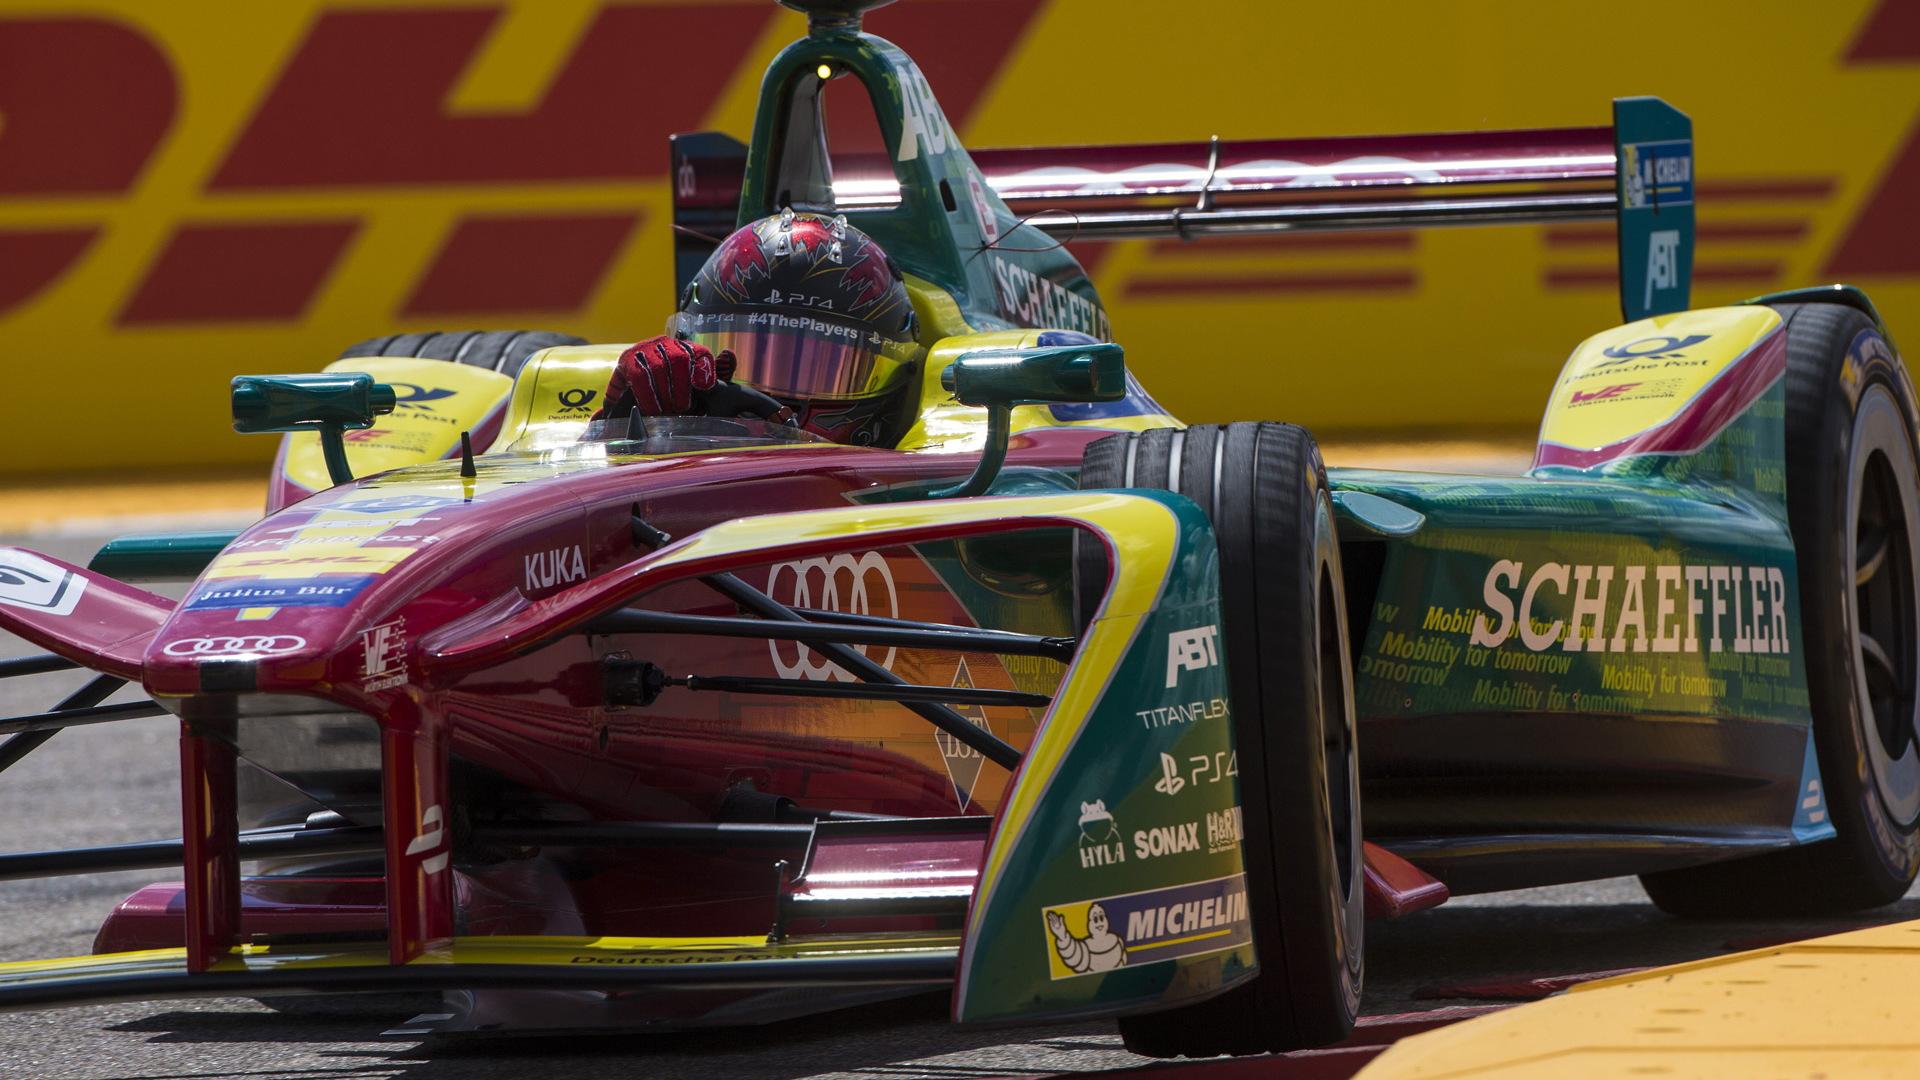 2016/2017 Team ABT Schaeffler Audi Sport Formula E race car